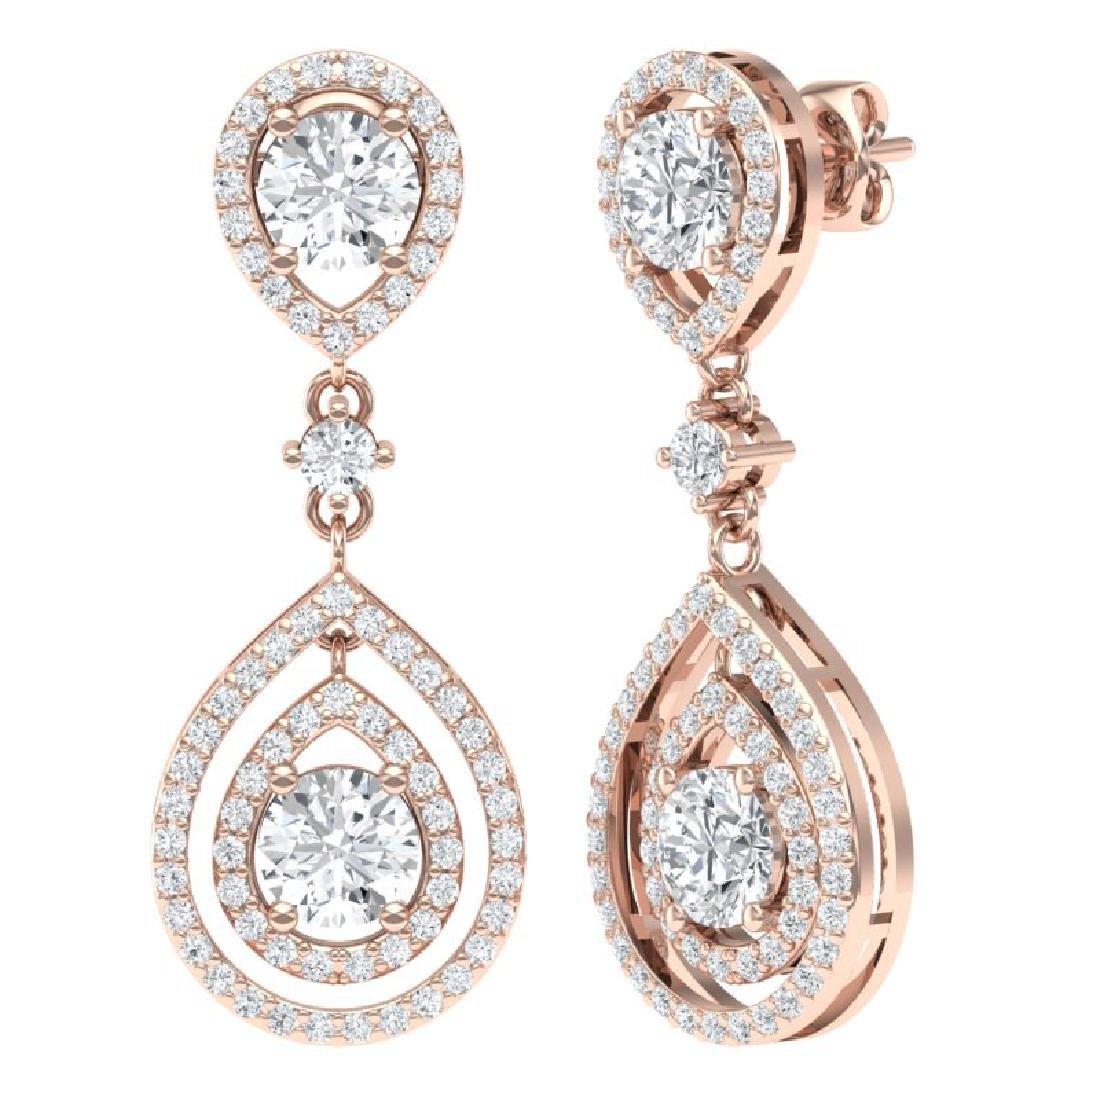 3.53 CTW Royalty Designer VS/SI Diamond Earrings 18K - 3